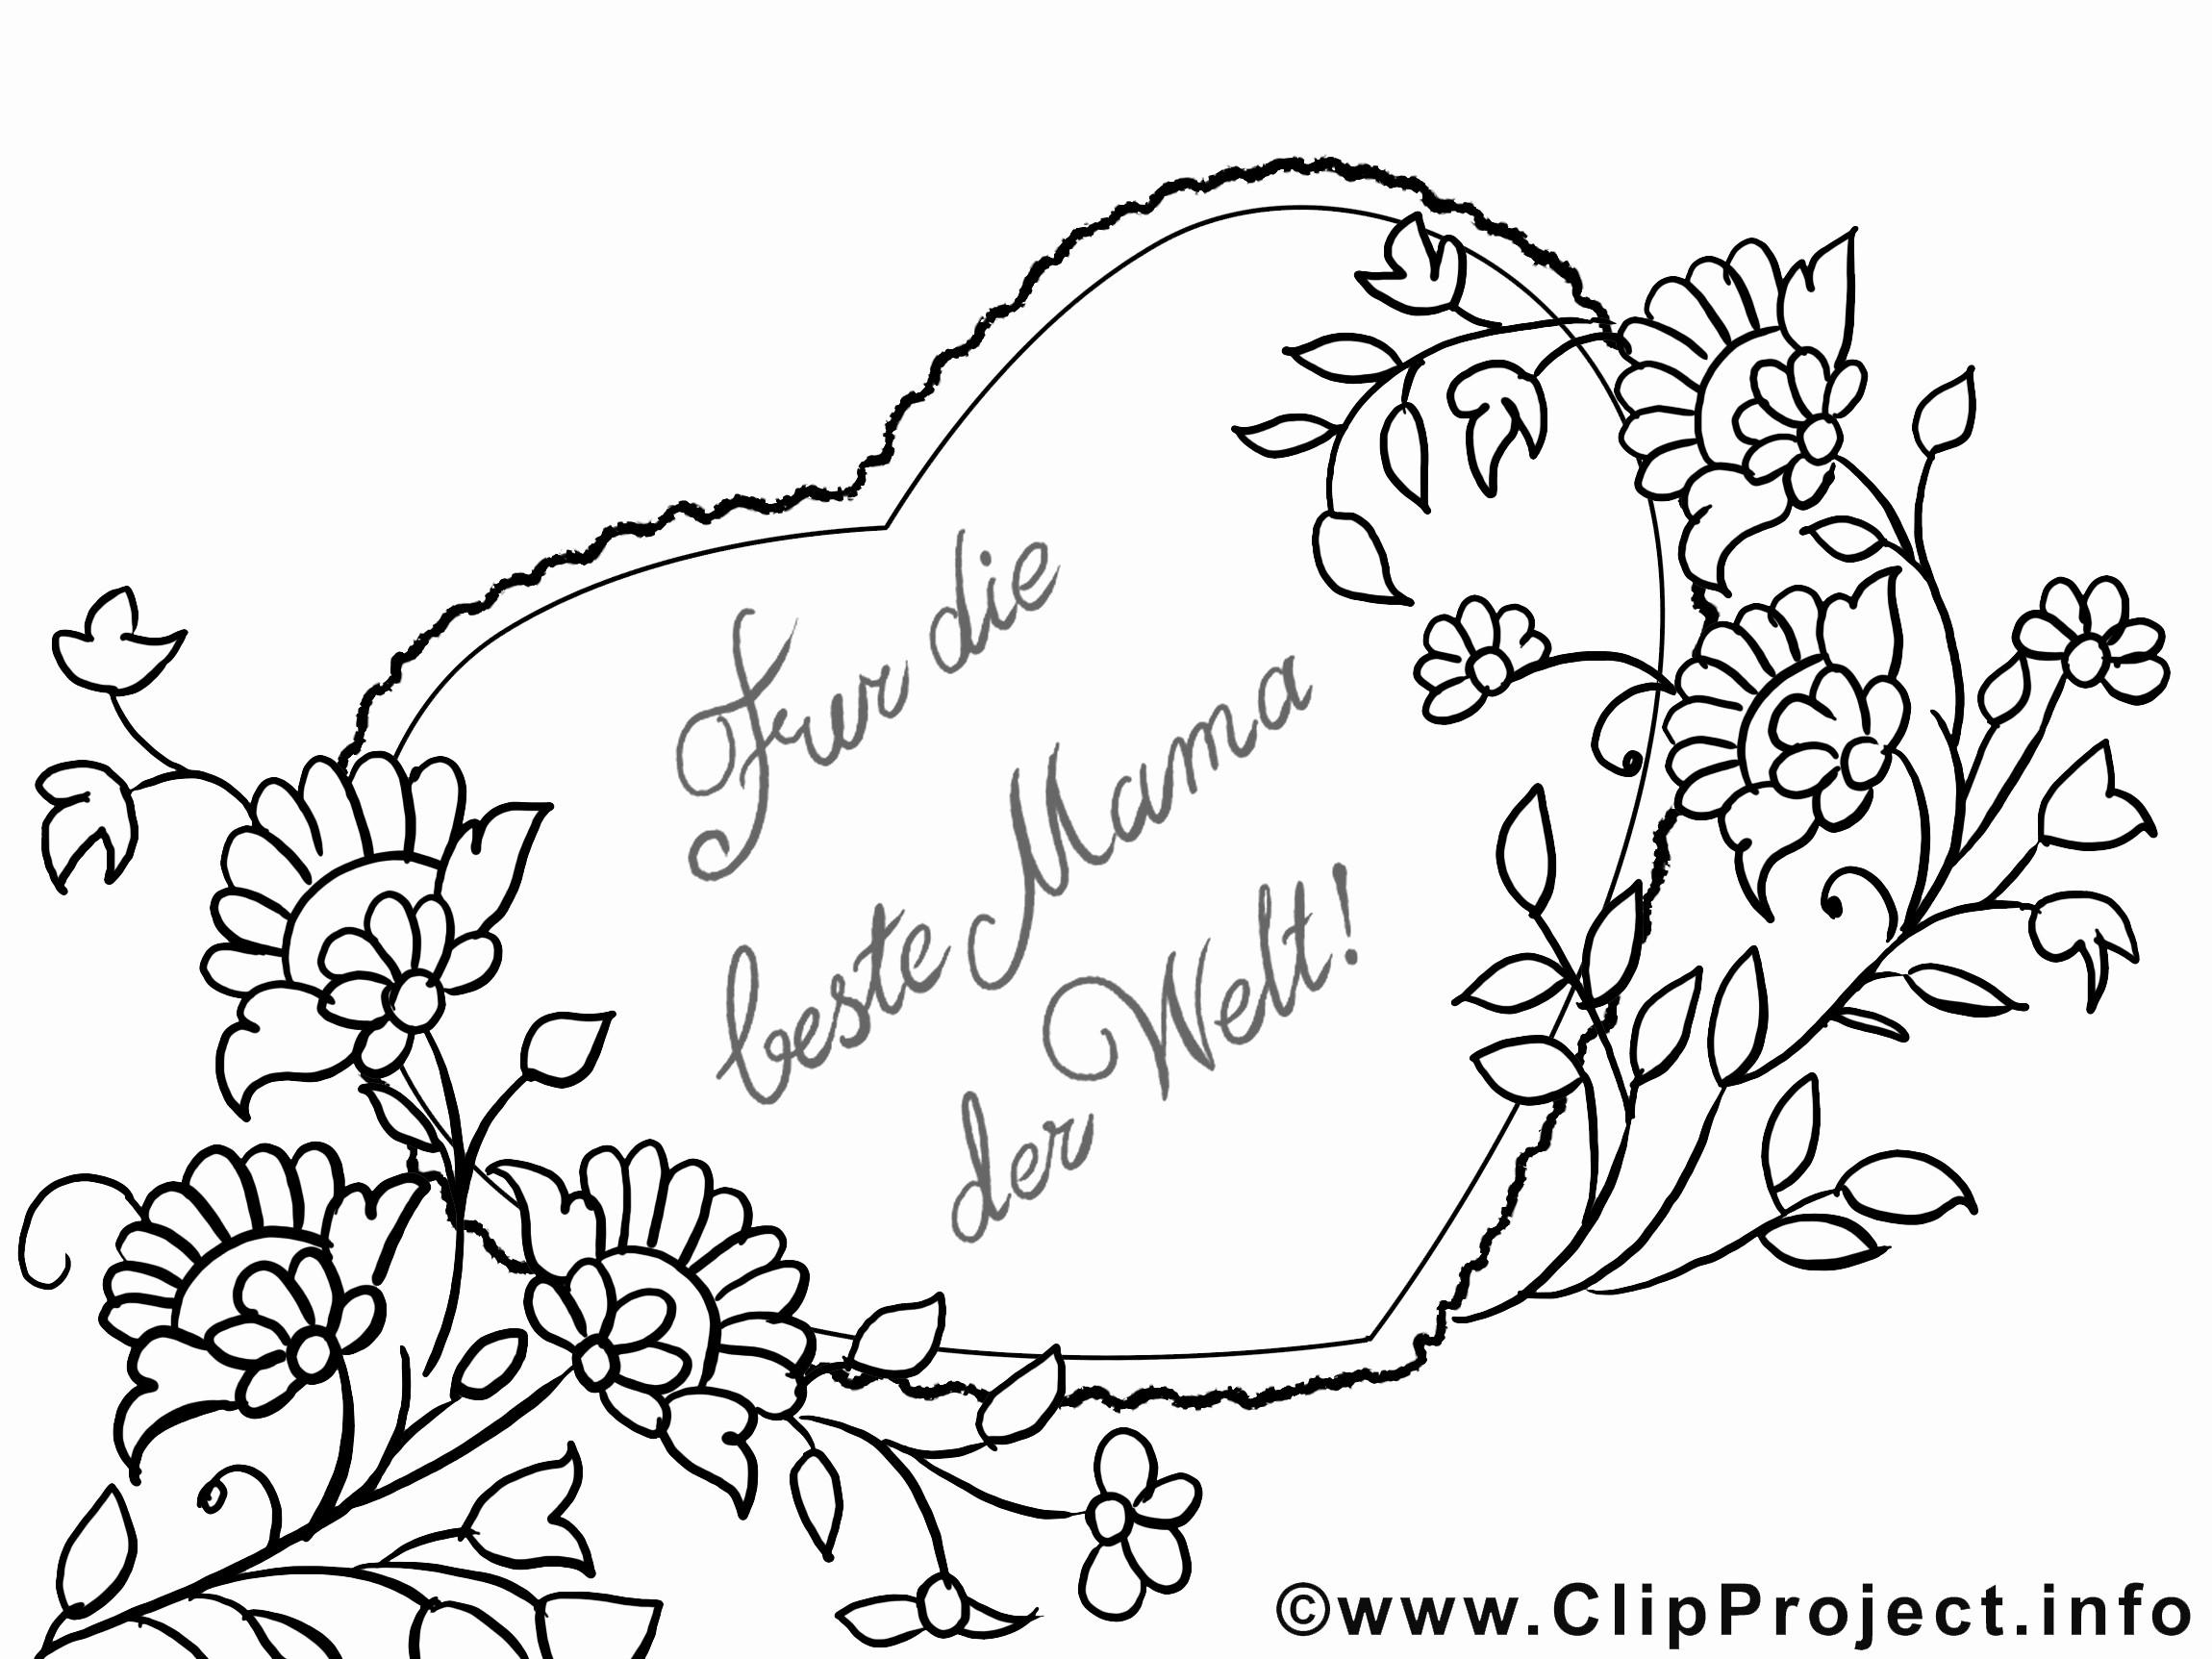 Herz Mandalas Zum Ausmalen Inspirierend Muttertag Bilder Zum Ausmalen Elegant Muttertag Mandala ¢ ¦ Herz Galerie